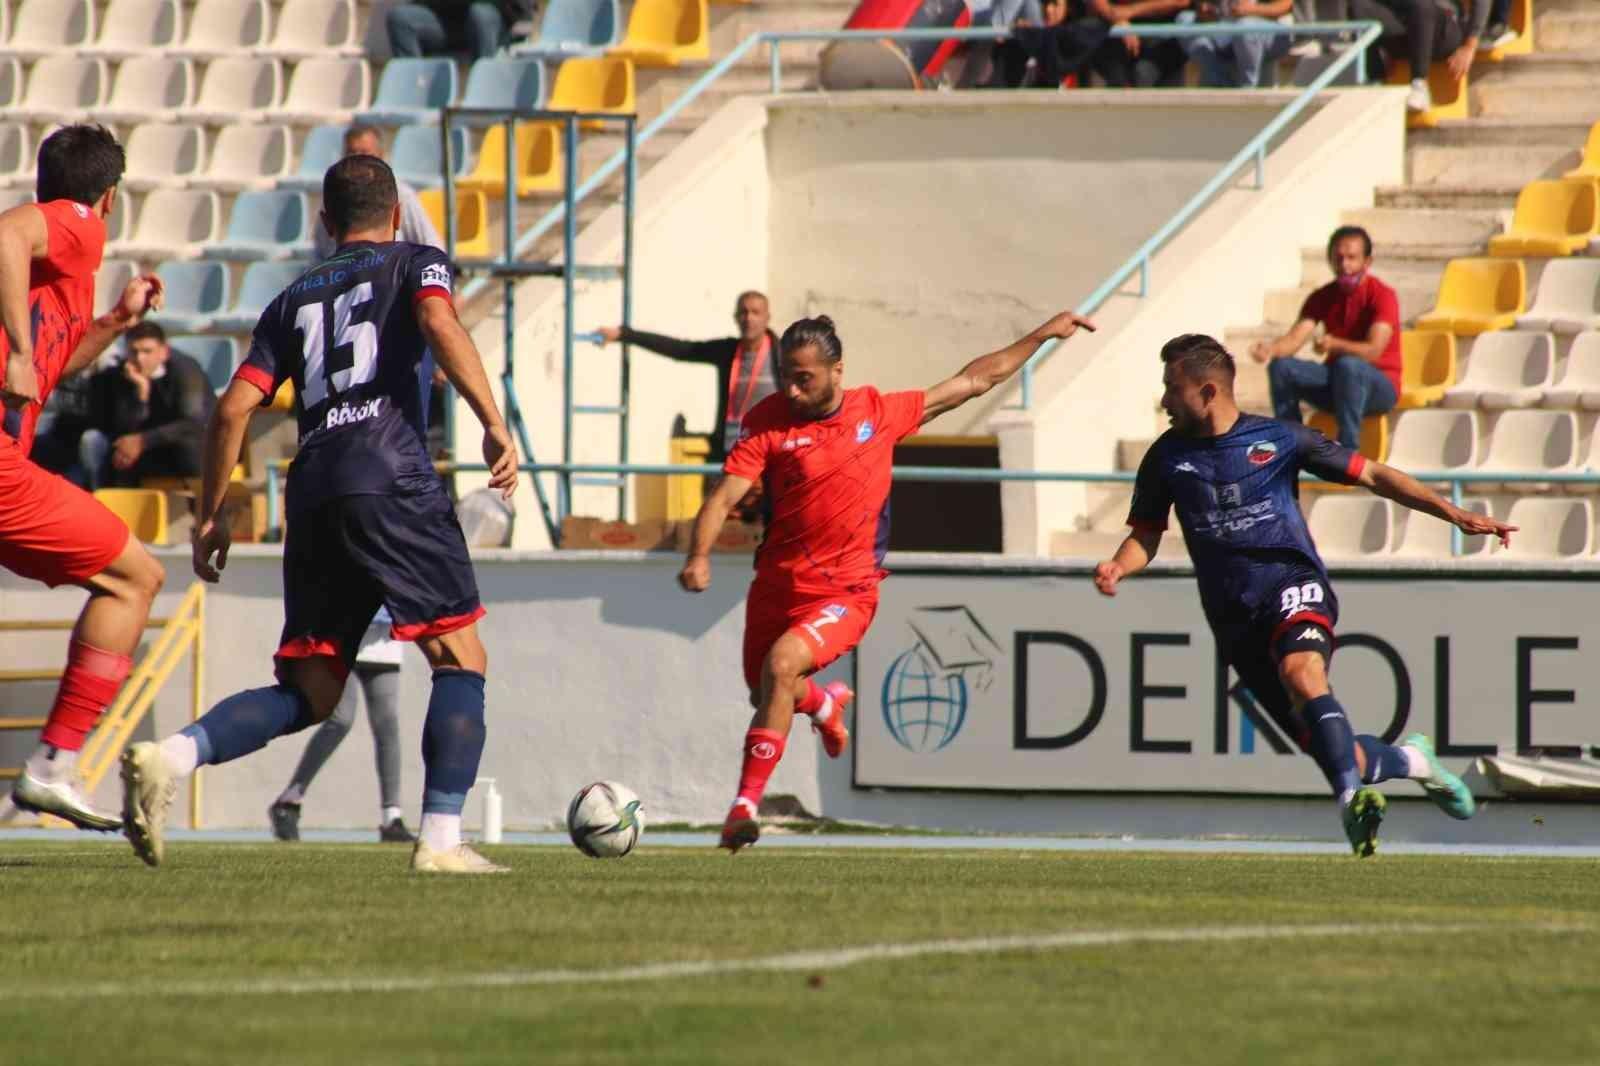 TFF 3. Lig: Kırıkkale BA: 2 – Mardin 1969 Spor: 0